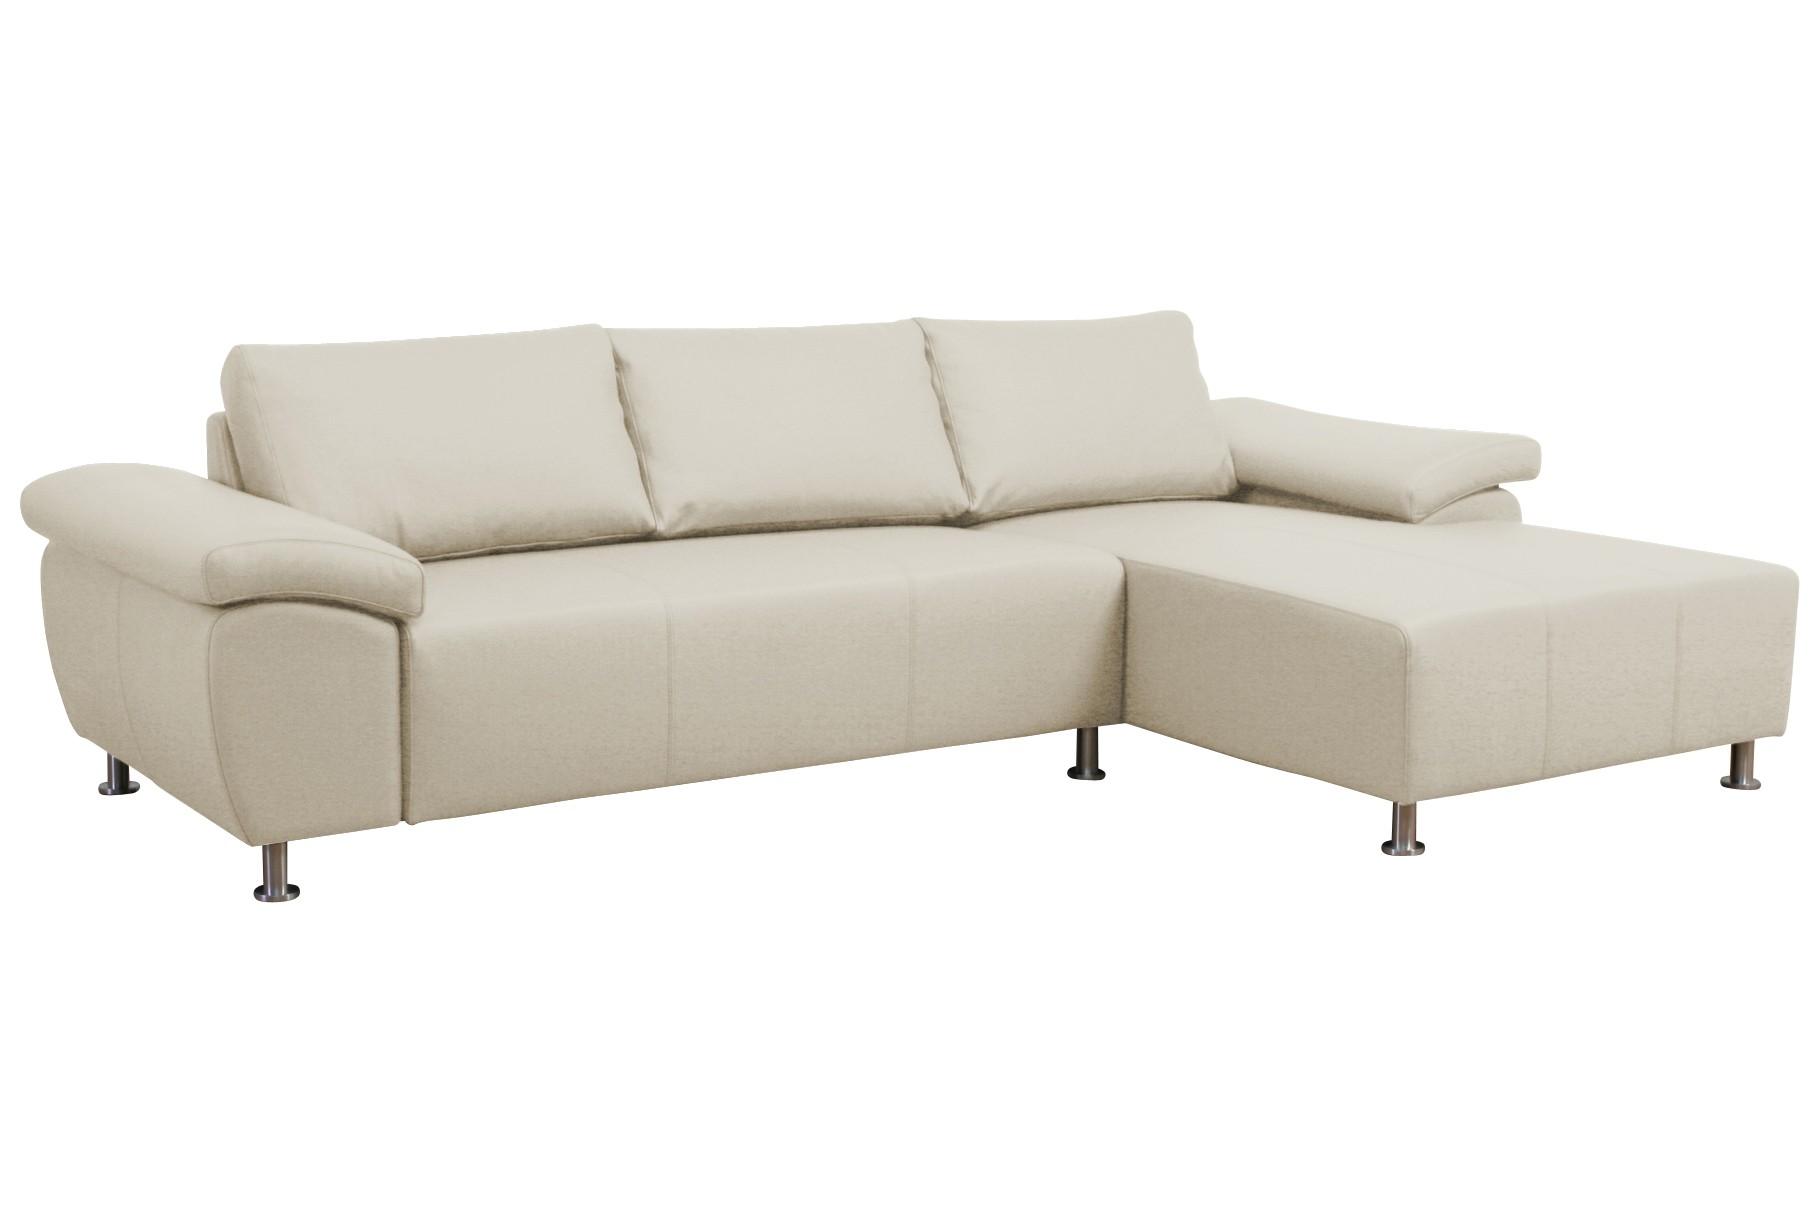 ecksofa weiss leder ecksofa braun leder schillig design. Black Bedroom Furniture Sets. Home Design Ideas